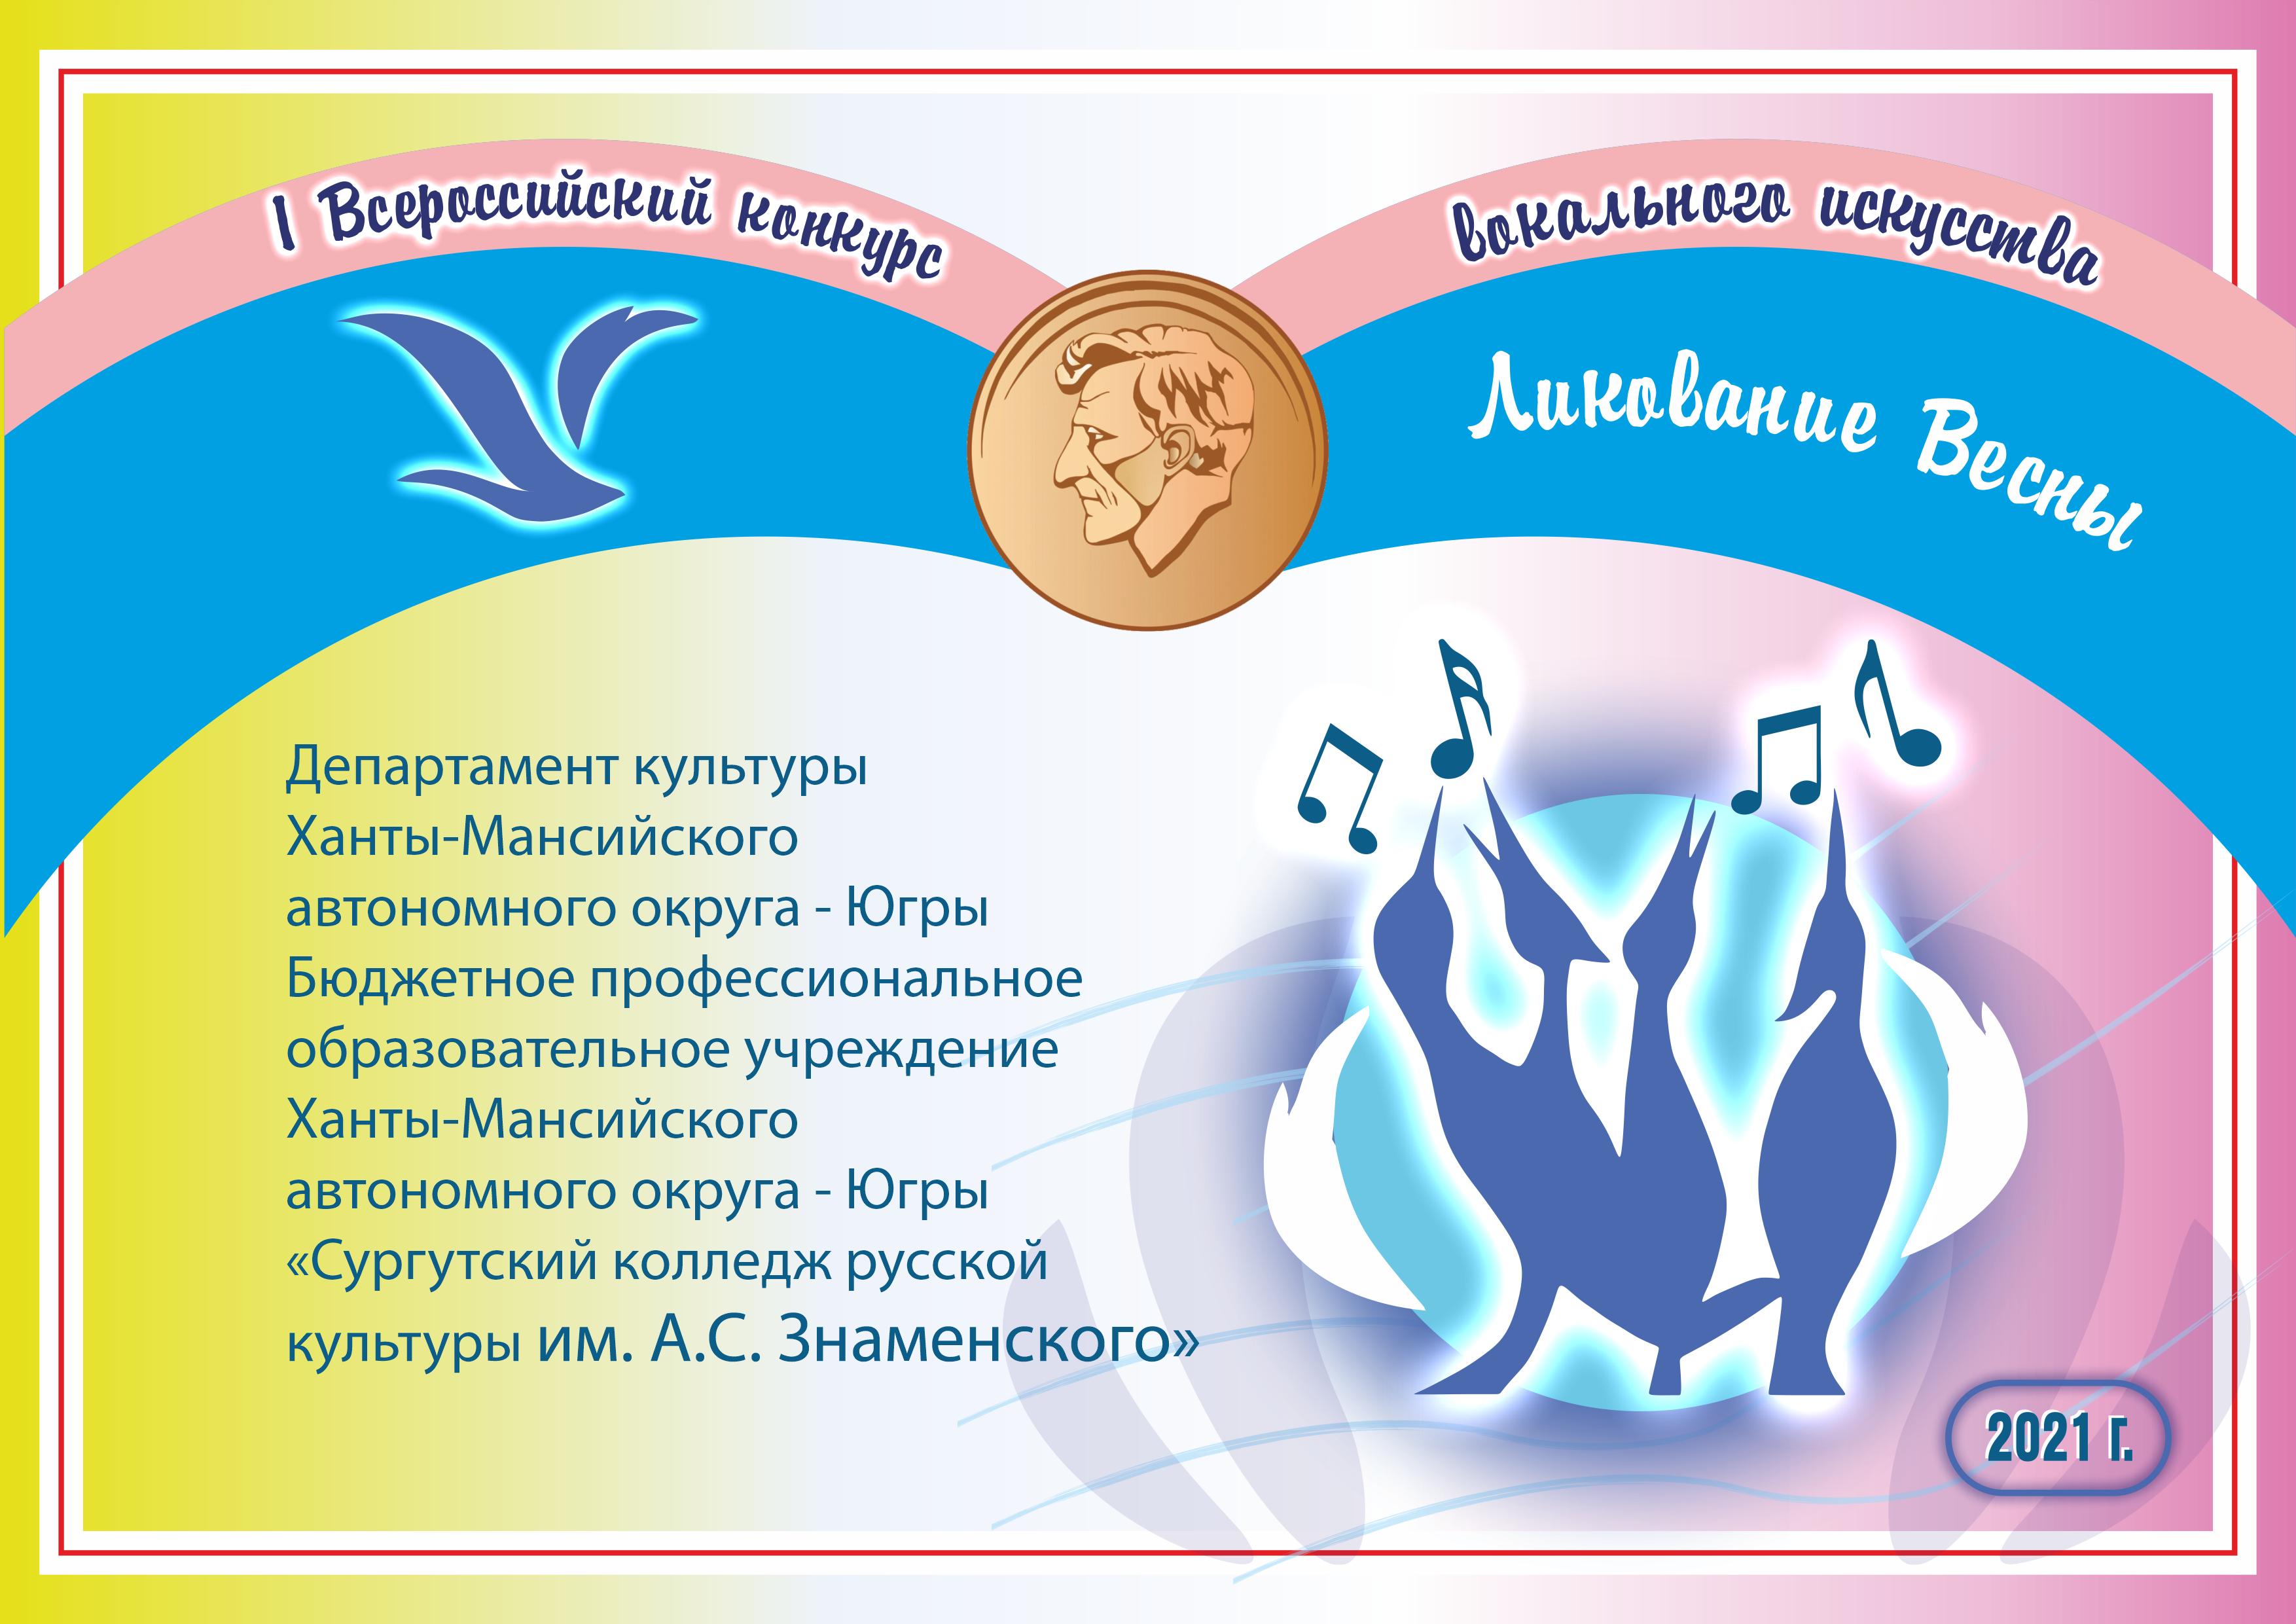 Поздравляем победителей I Всероссийского конкурса вокального искусства «Ликование весны»